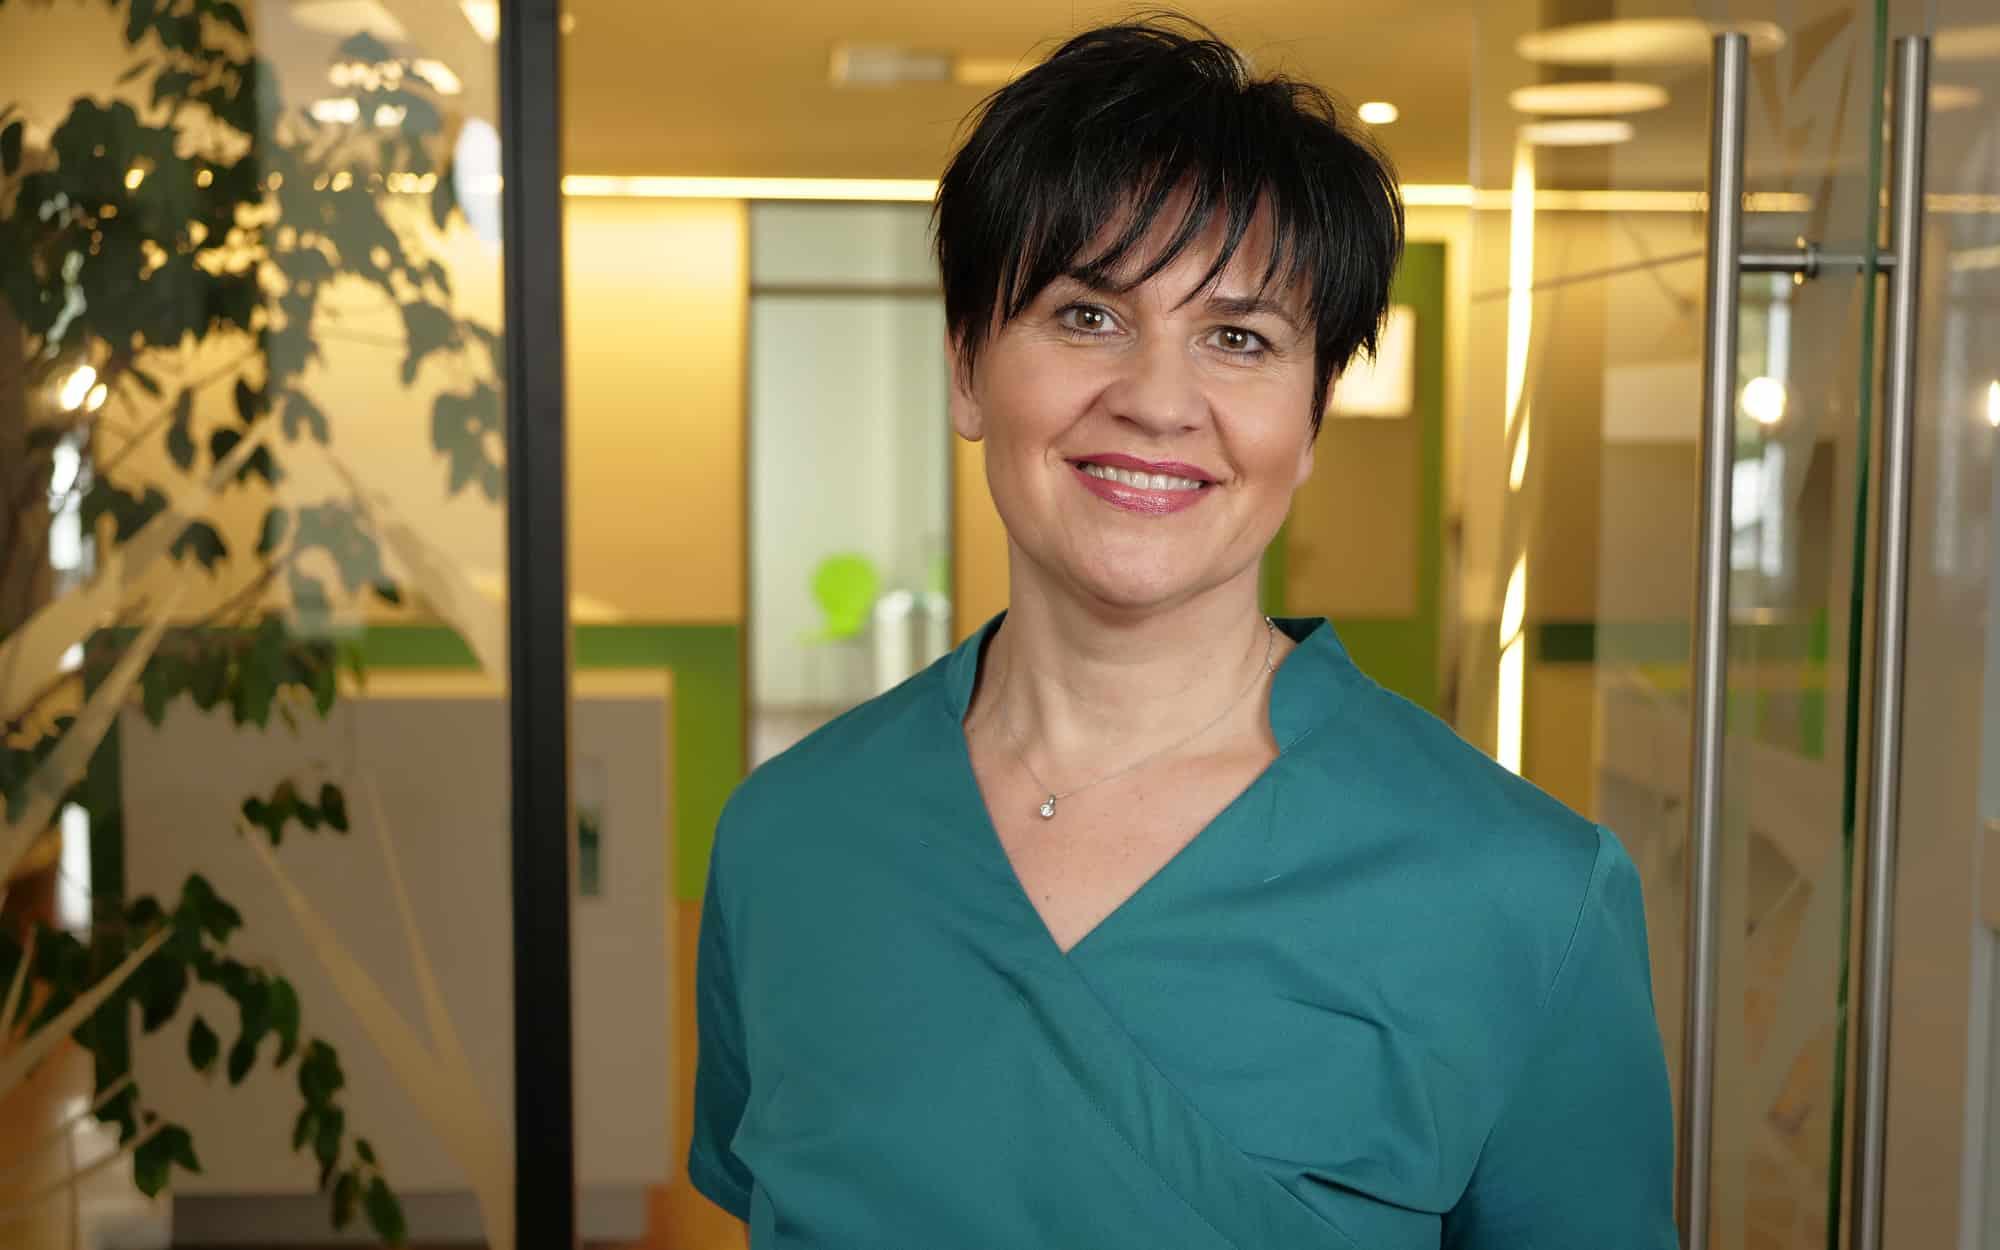 Ihr Prophylaxeteam - Drazana Blazevic - Prophylaxeassistentin in der Zahnarztpraxis Dr. Wolfgang Gottwald in Koblenz am Hauptbahnhof